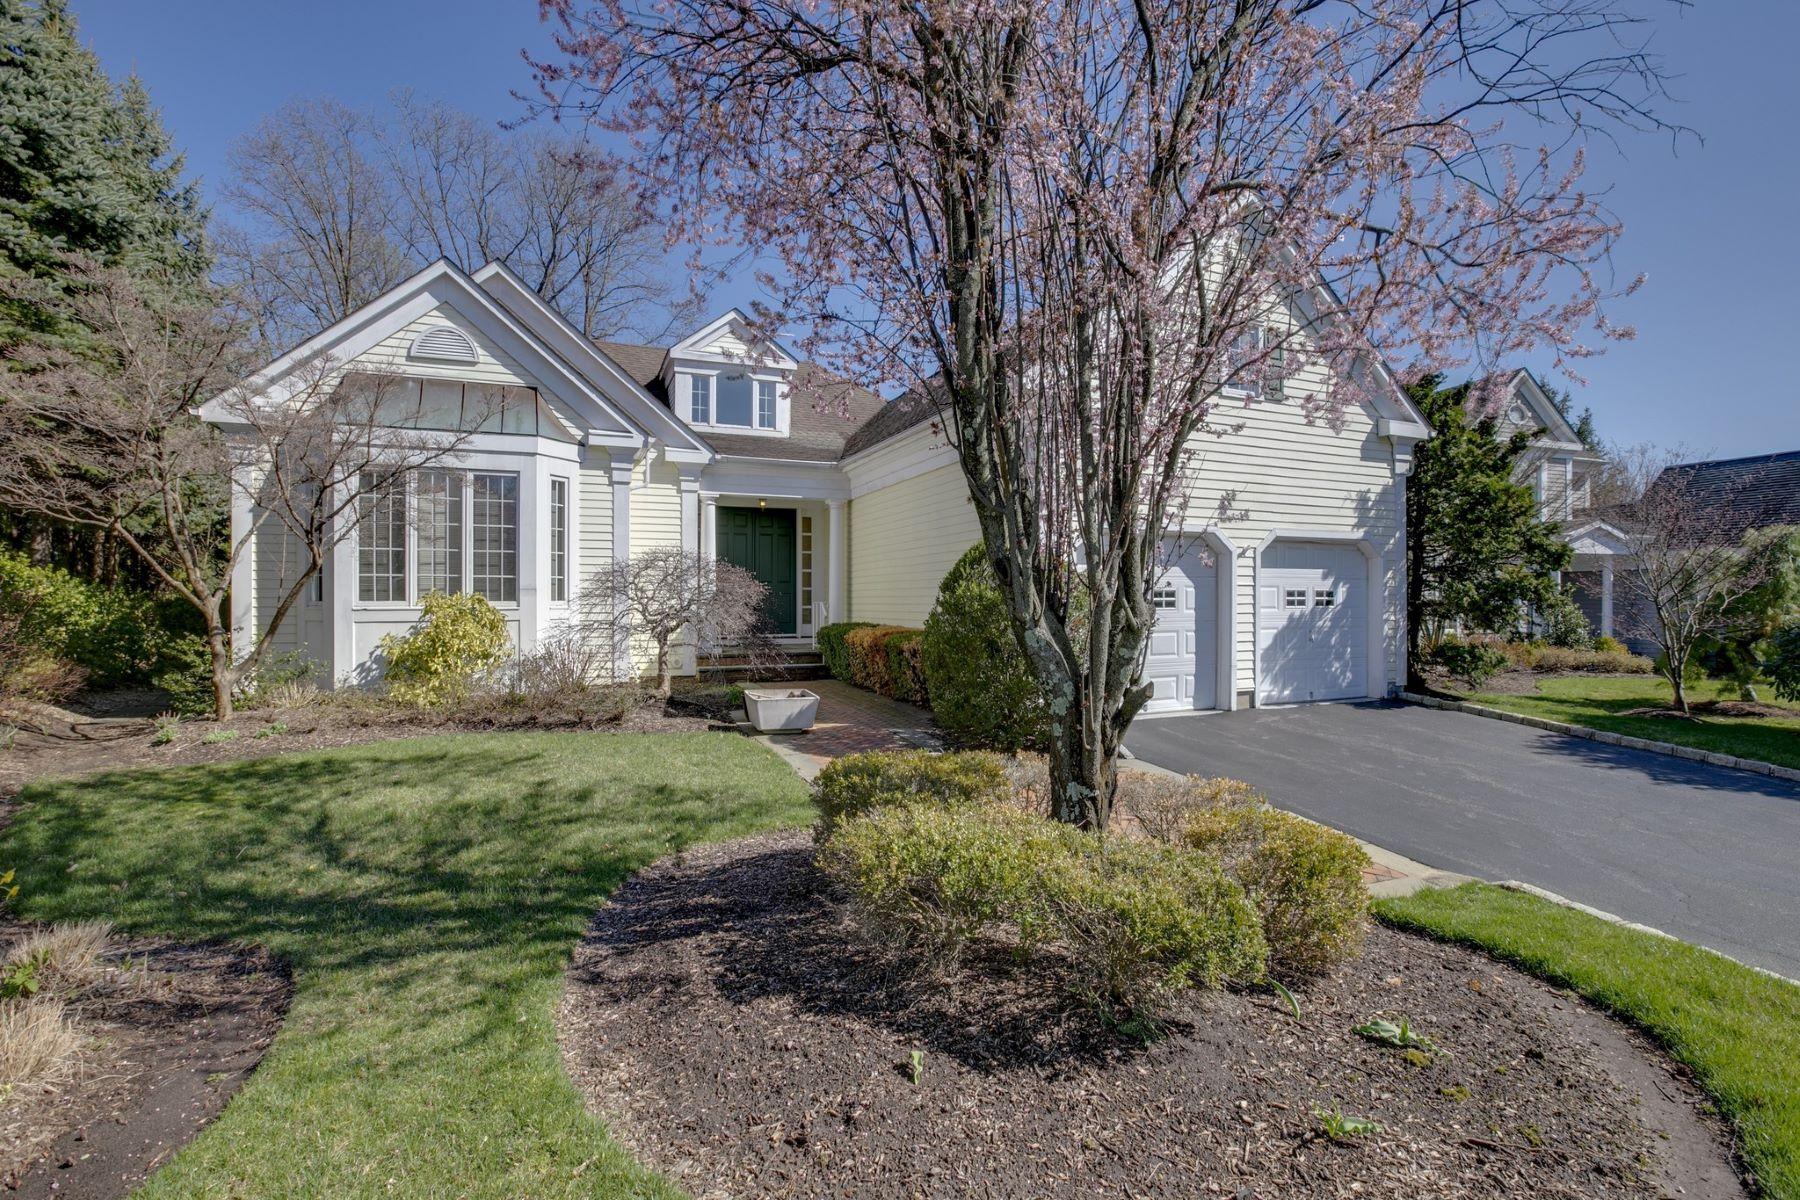 Single Family Homes für Verkauf beim Manhasset 41 Evergreen Cir, Manhasset, New York 11030 Vereinigte Staaten